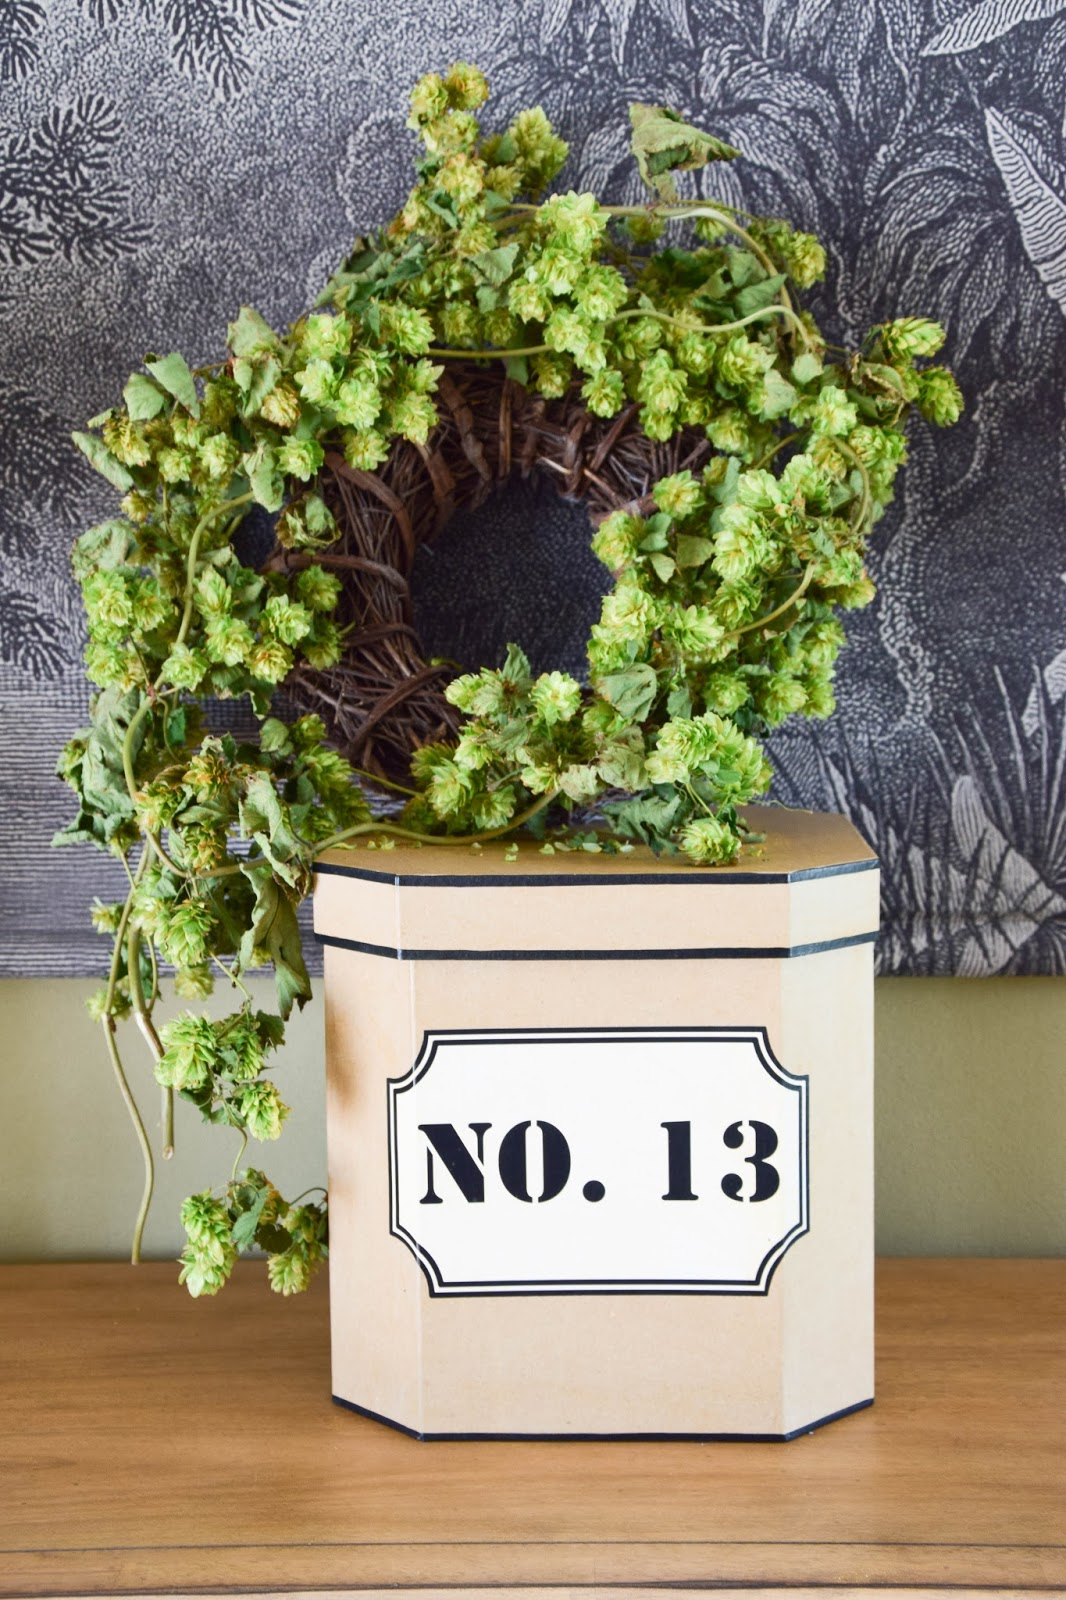 Deko mit Hopfen. Herbstdeko für die Konsole, Sideboard, Wohnzimmer mit getrocknetem Hopfen, Kranz, Hopfenkranz, herbstliche Deko